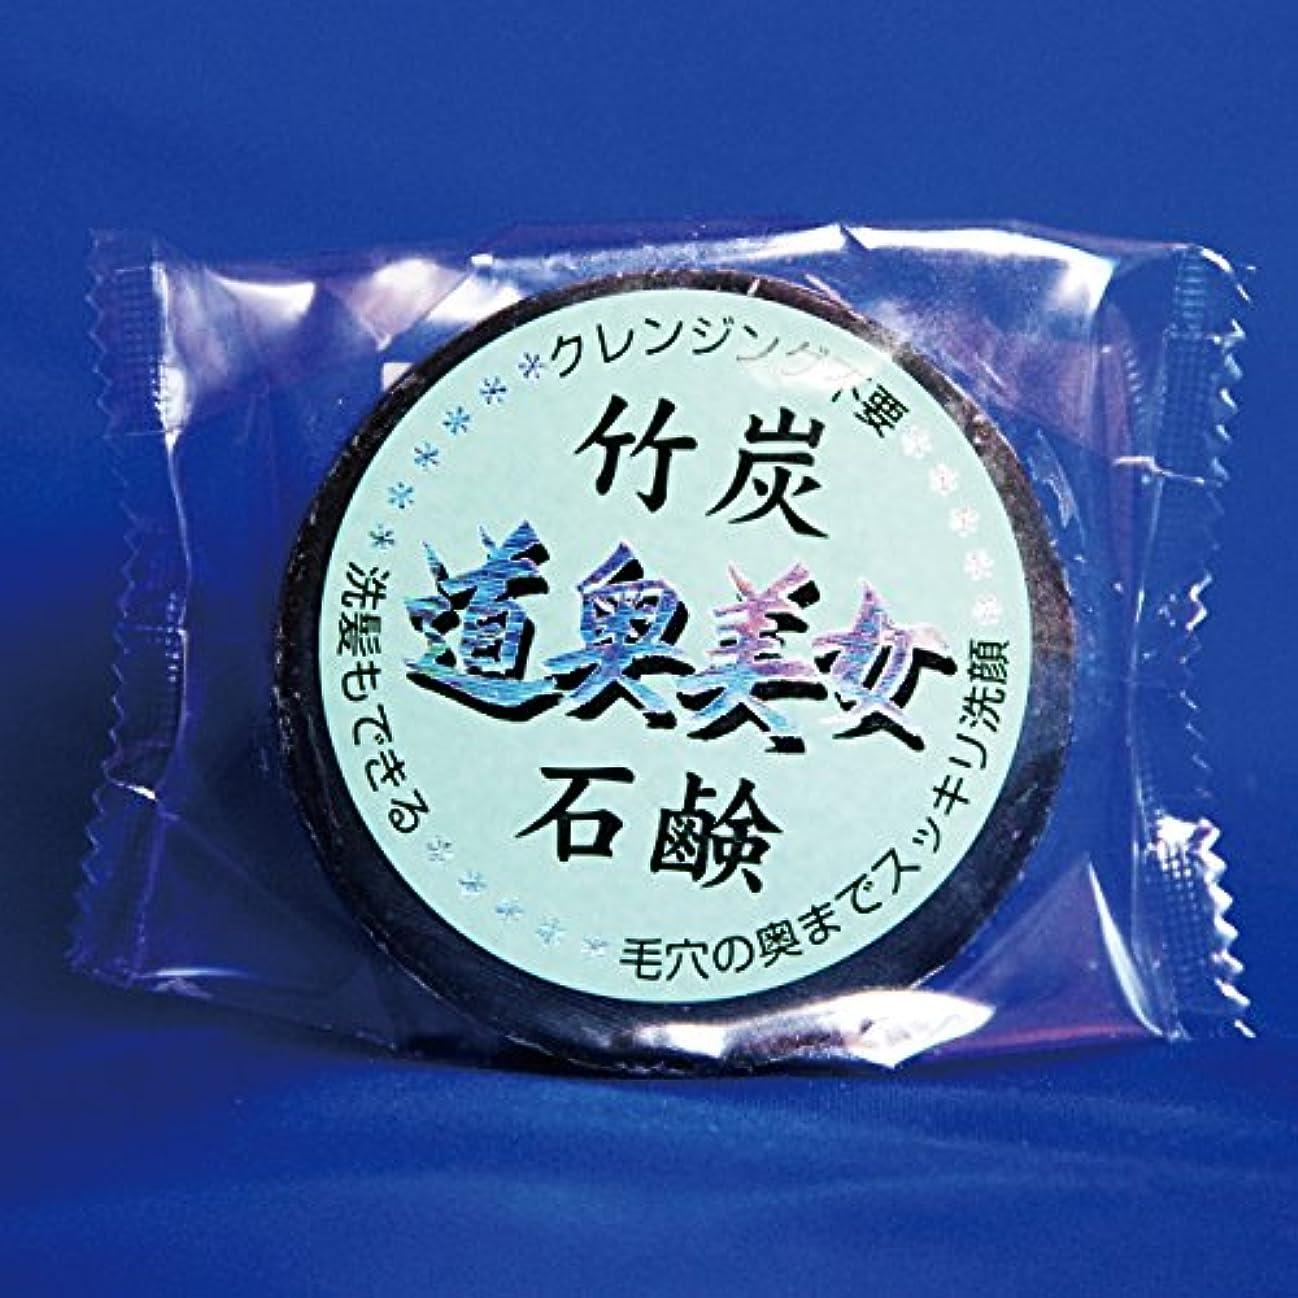 要求するスイス人くさび竹炭石鹸 100g クレンジング不要 (100g) 手作り透明石鹸 化粧石ケン